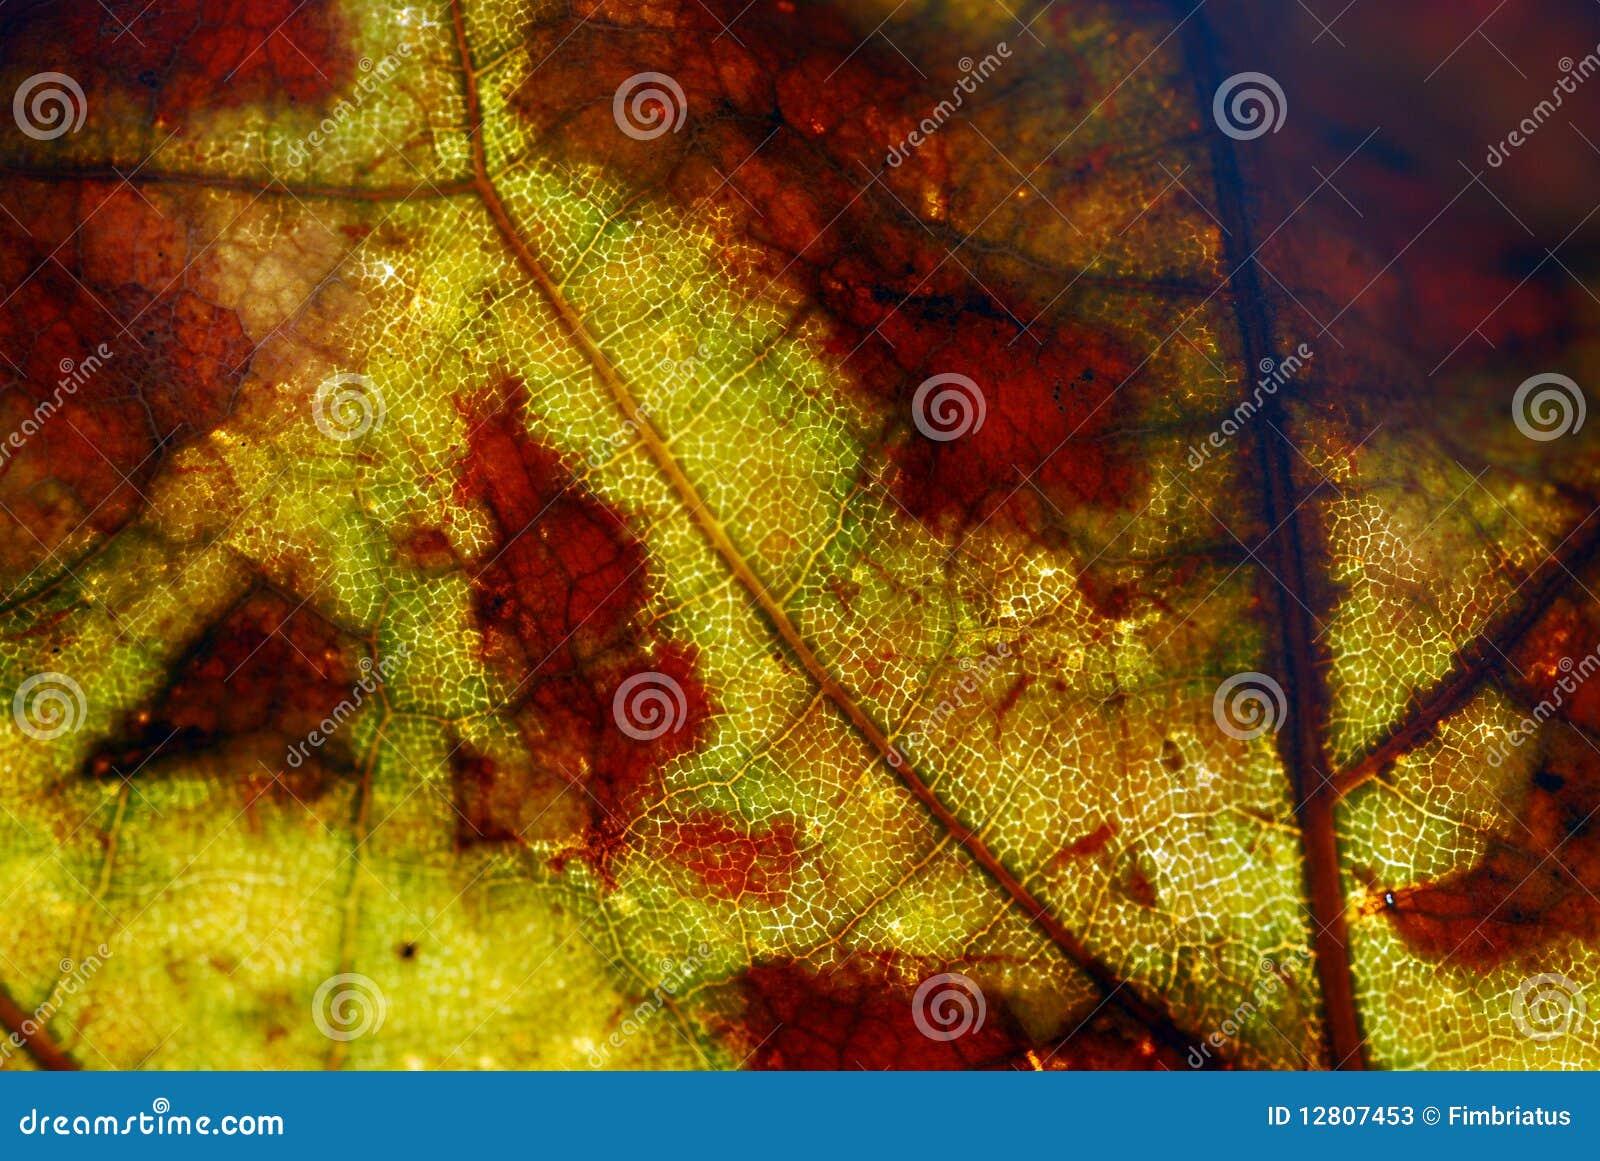 Feche acima das veias em uma folha amarela e vermelha